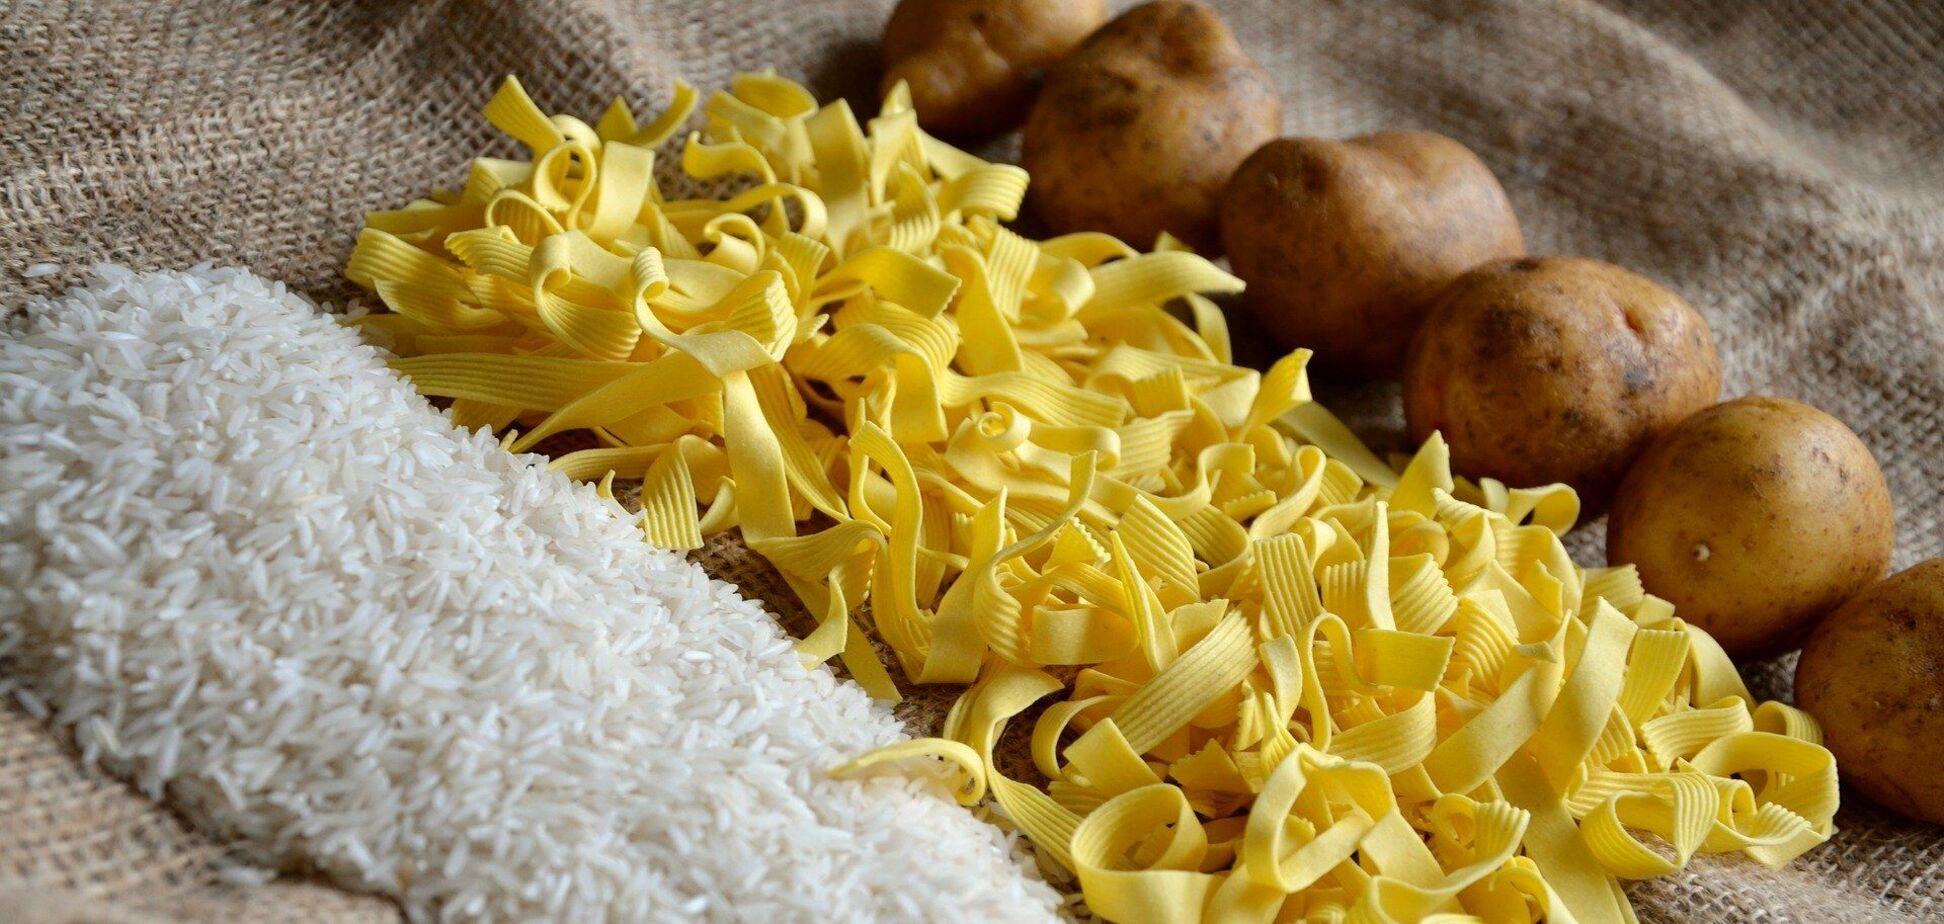 Диетолог рассказал о пользе картофеля, макарон и риса при похудении